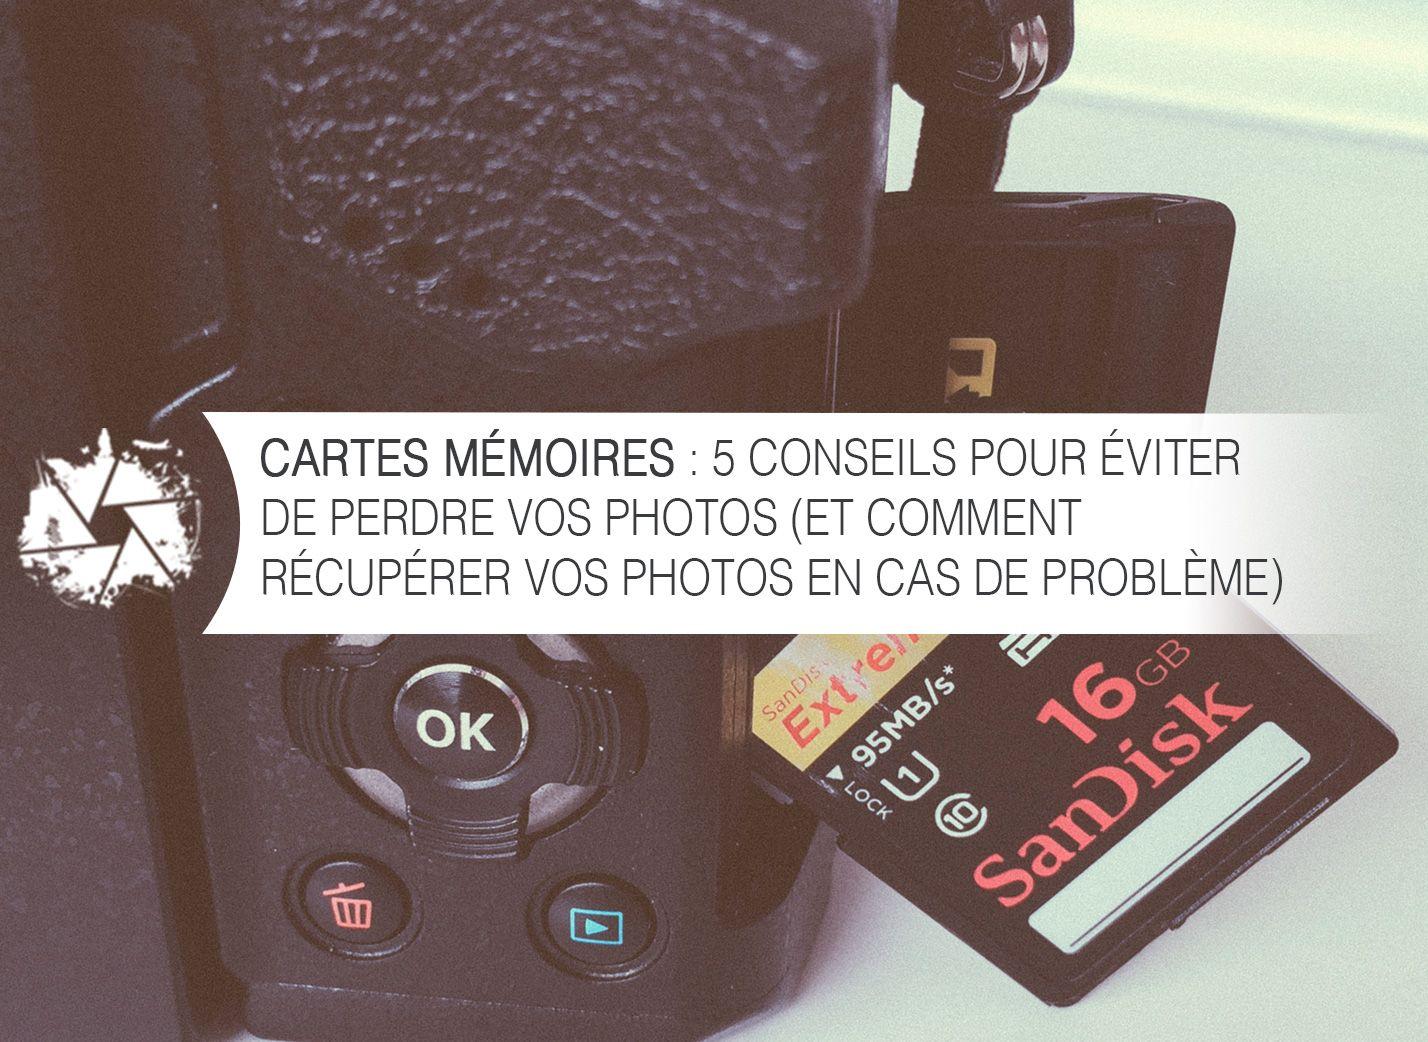 Cartes Mémoires : 5 conseils pour éviter de perdre vos photos (et comment les récupérer en cas de problème) via @nicolascroce